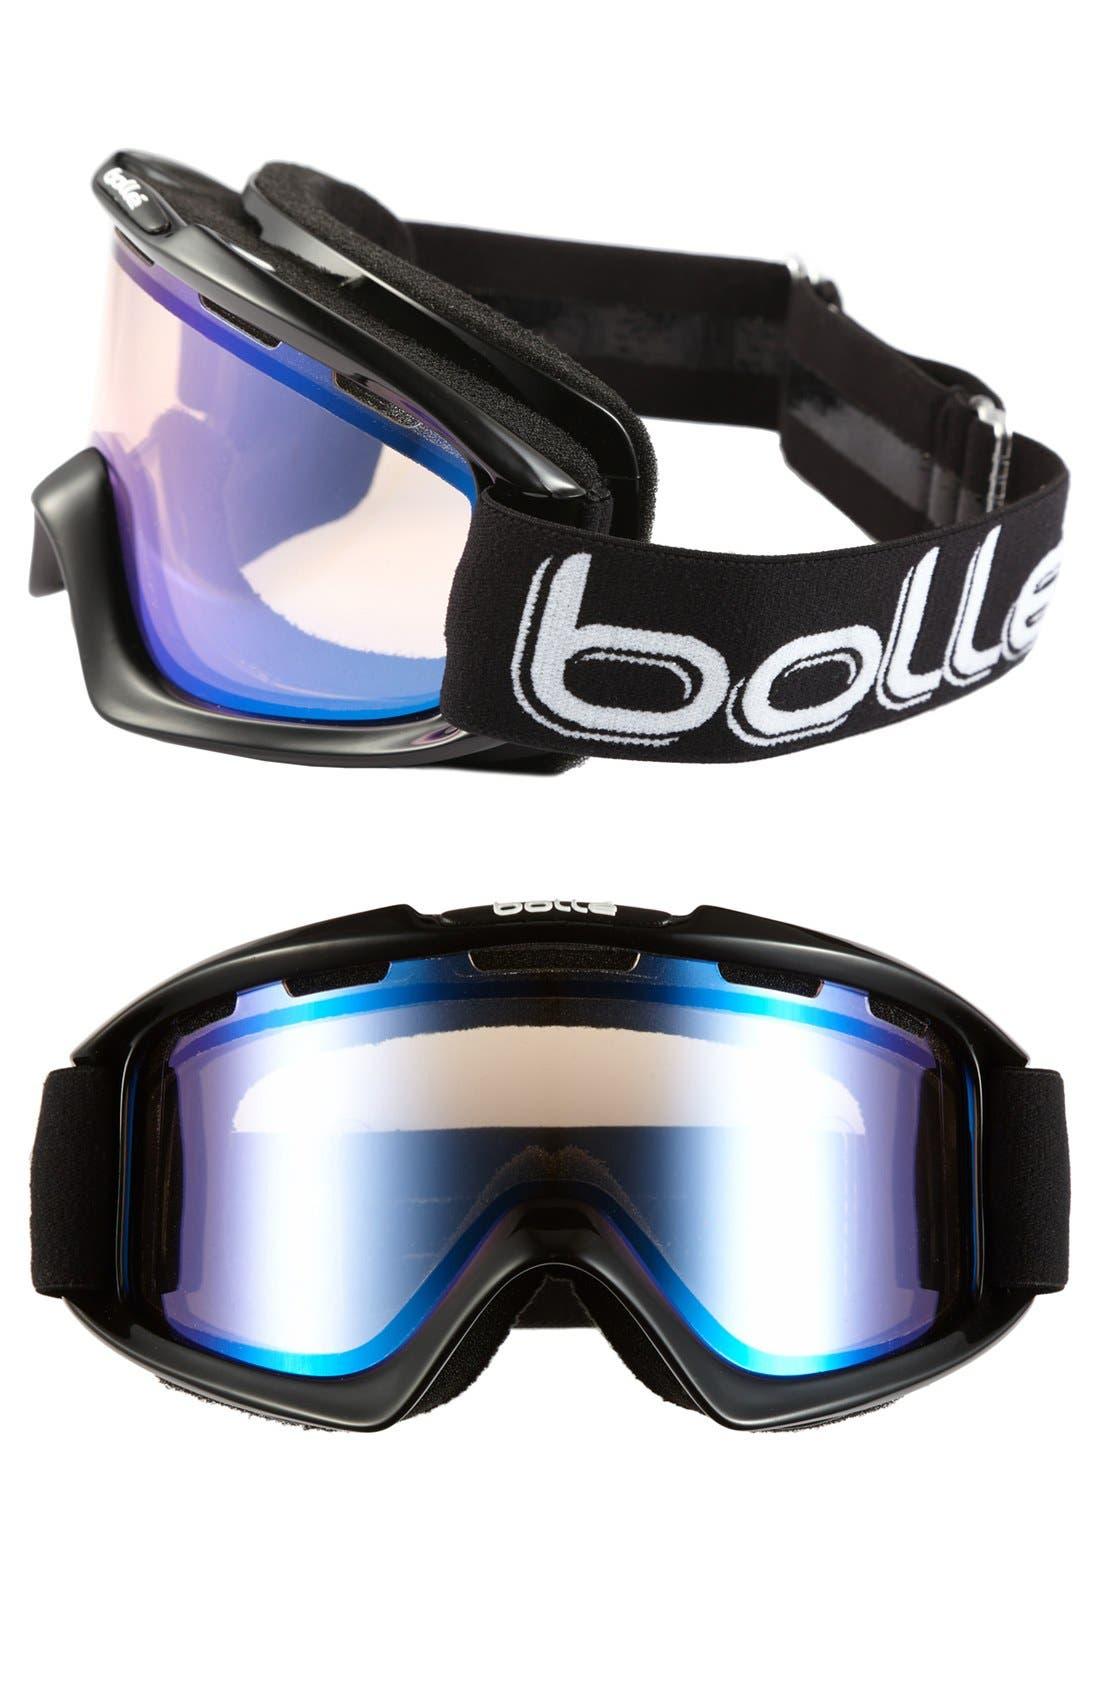 Main Image - Bolle 'Nova' Ski Goggles